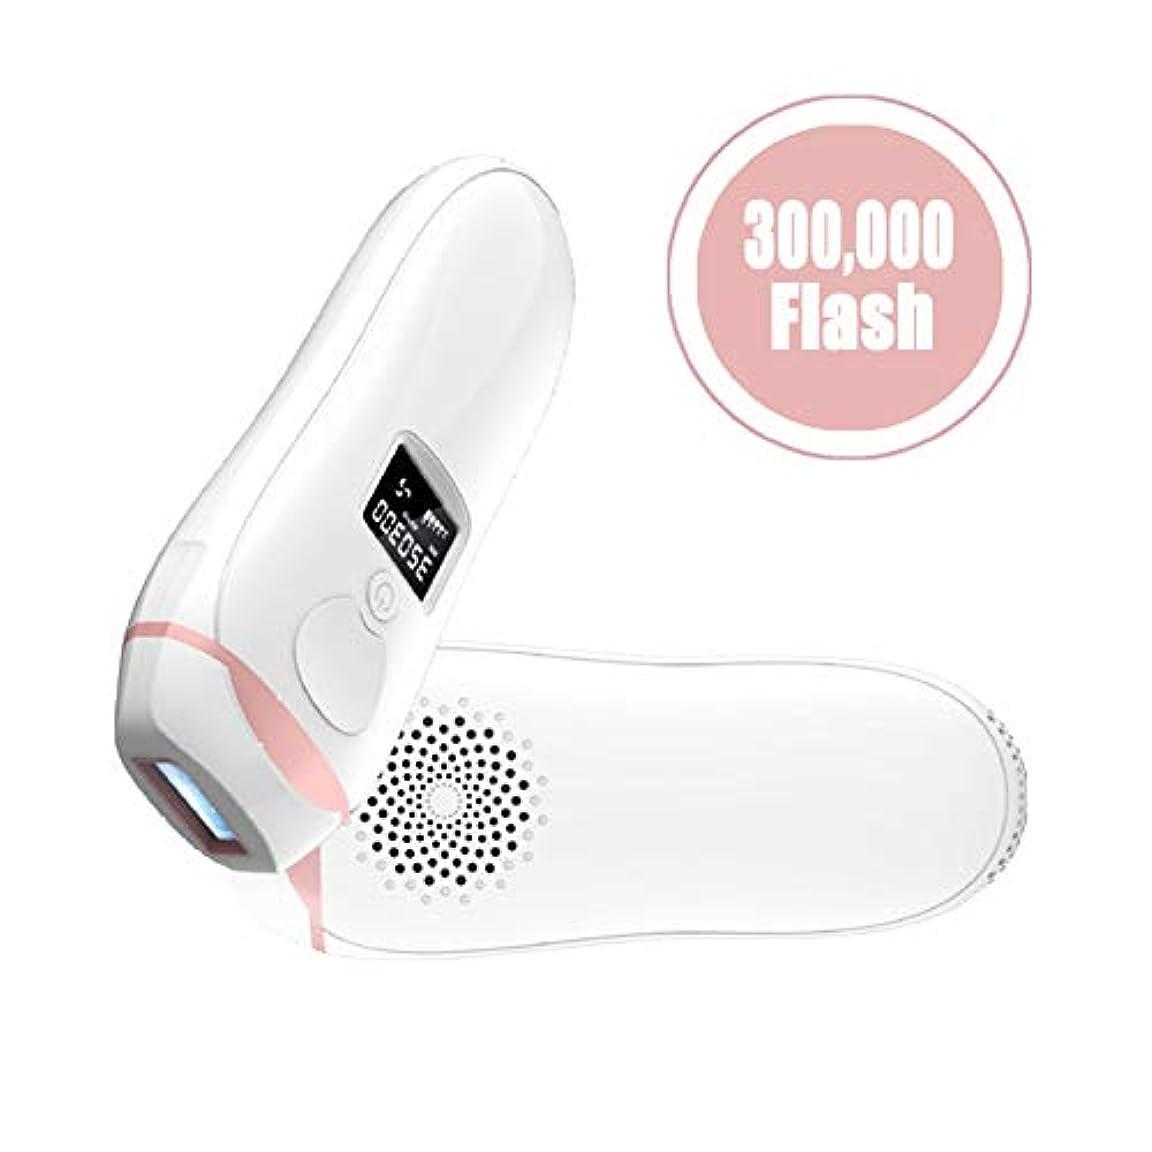 手つかずの自治スリーブアップグレードIPLレーザー脱毛システム30万回のフラッシュ無痛常設パルス光脱毛器デバイス、にとってボディフェイス脇の下ビキニライン